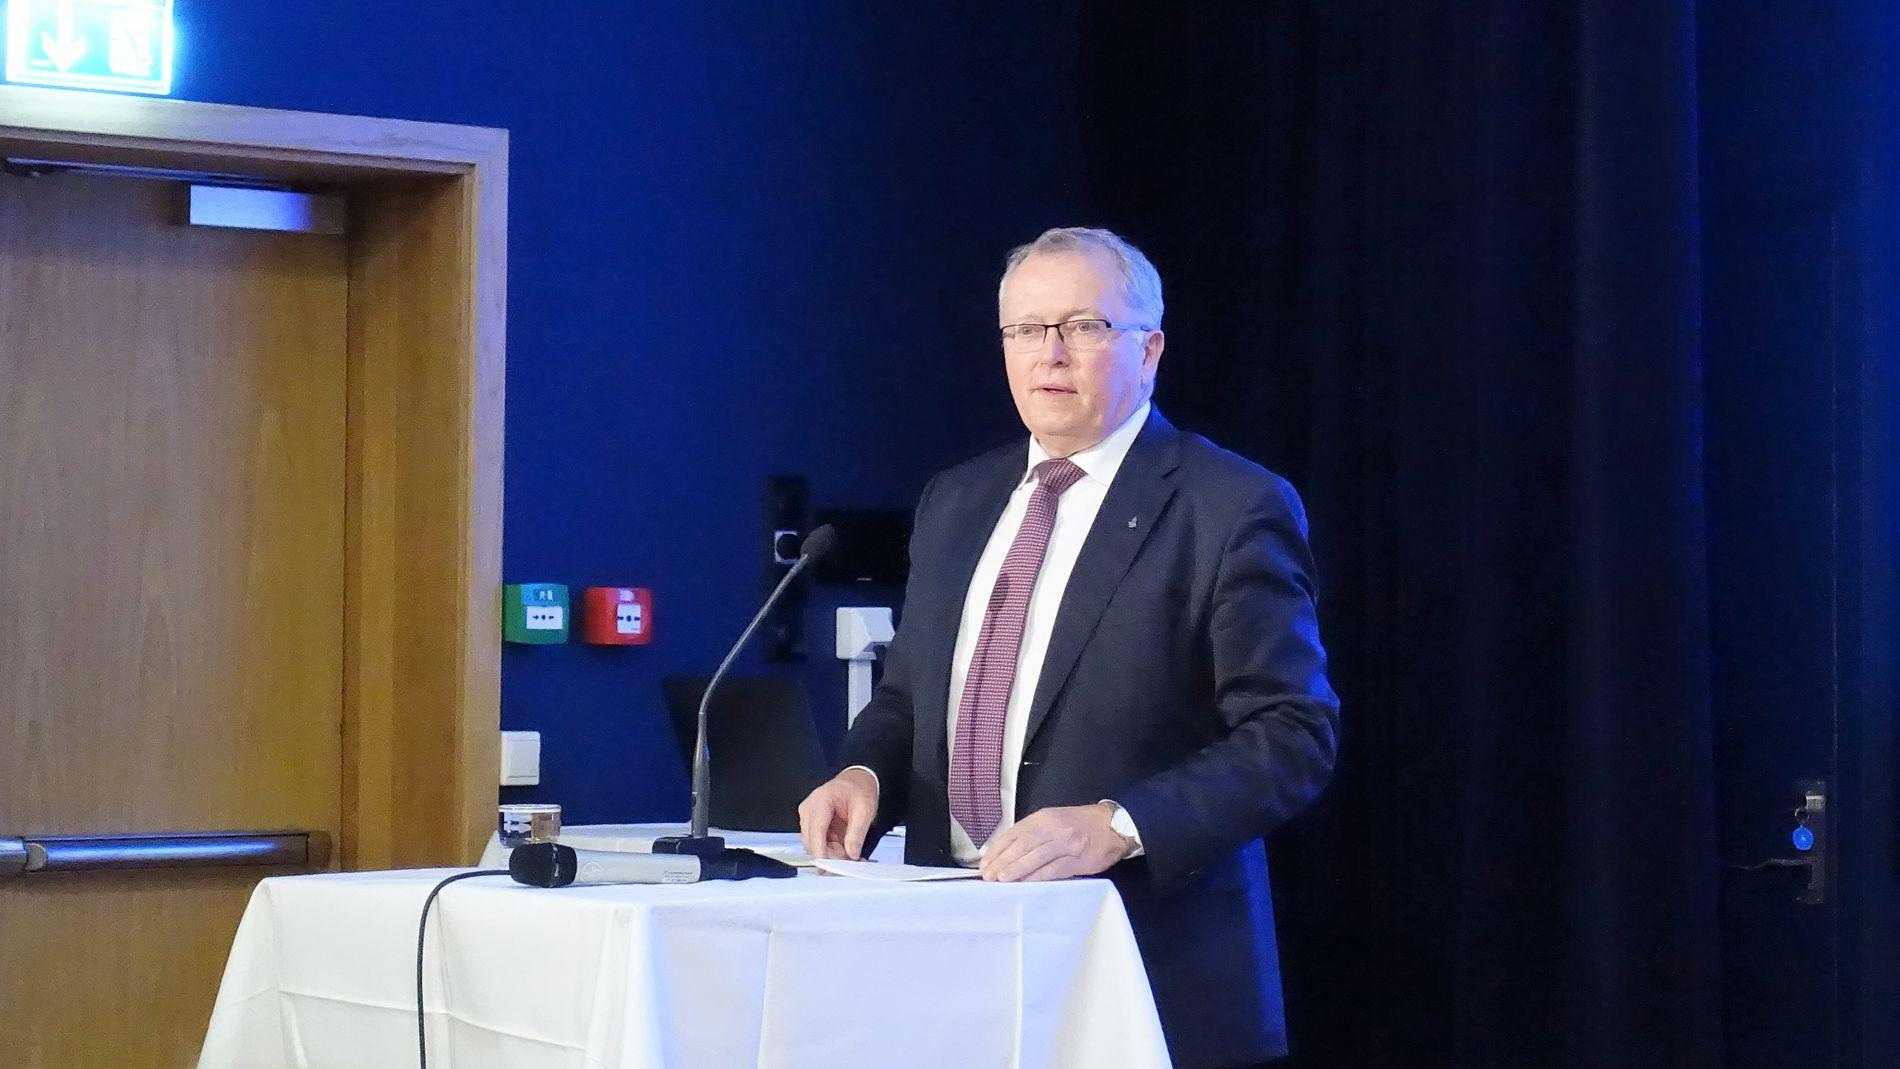 FERSK AVTALE: Equinor-sjef Eldar Sætre skriver torsdag under intensjonsavtaler med flere europeiske selskaper om CO2-lagring.